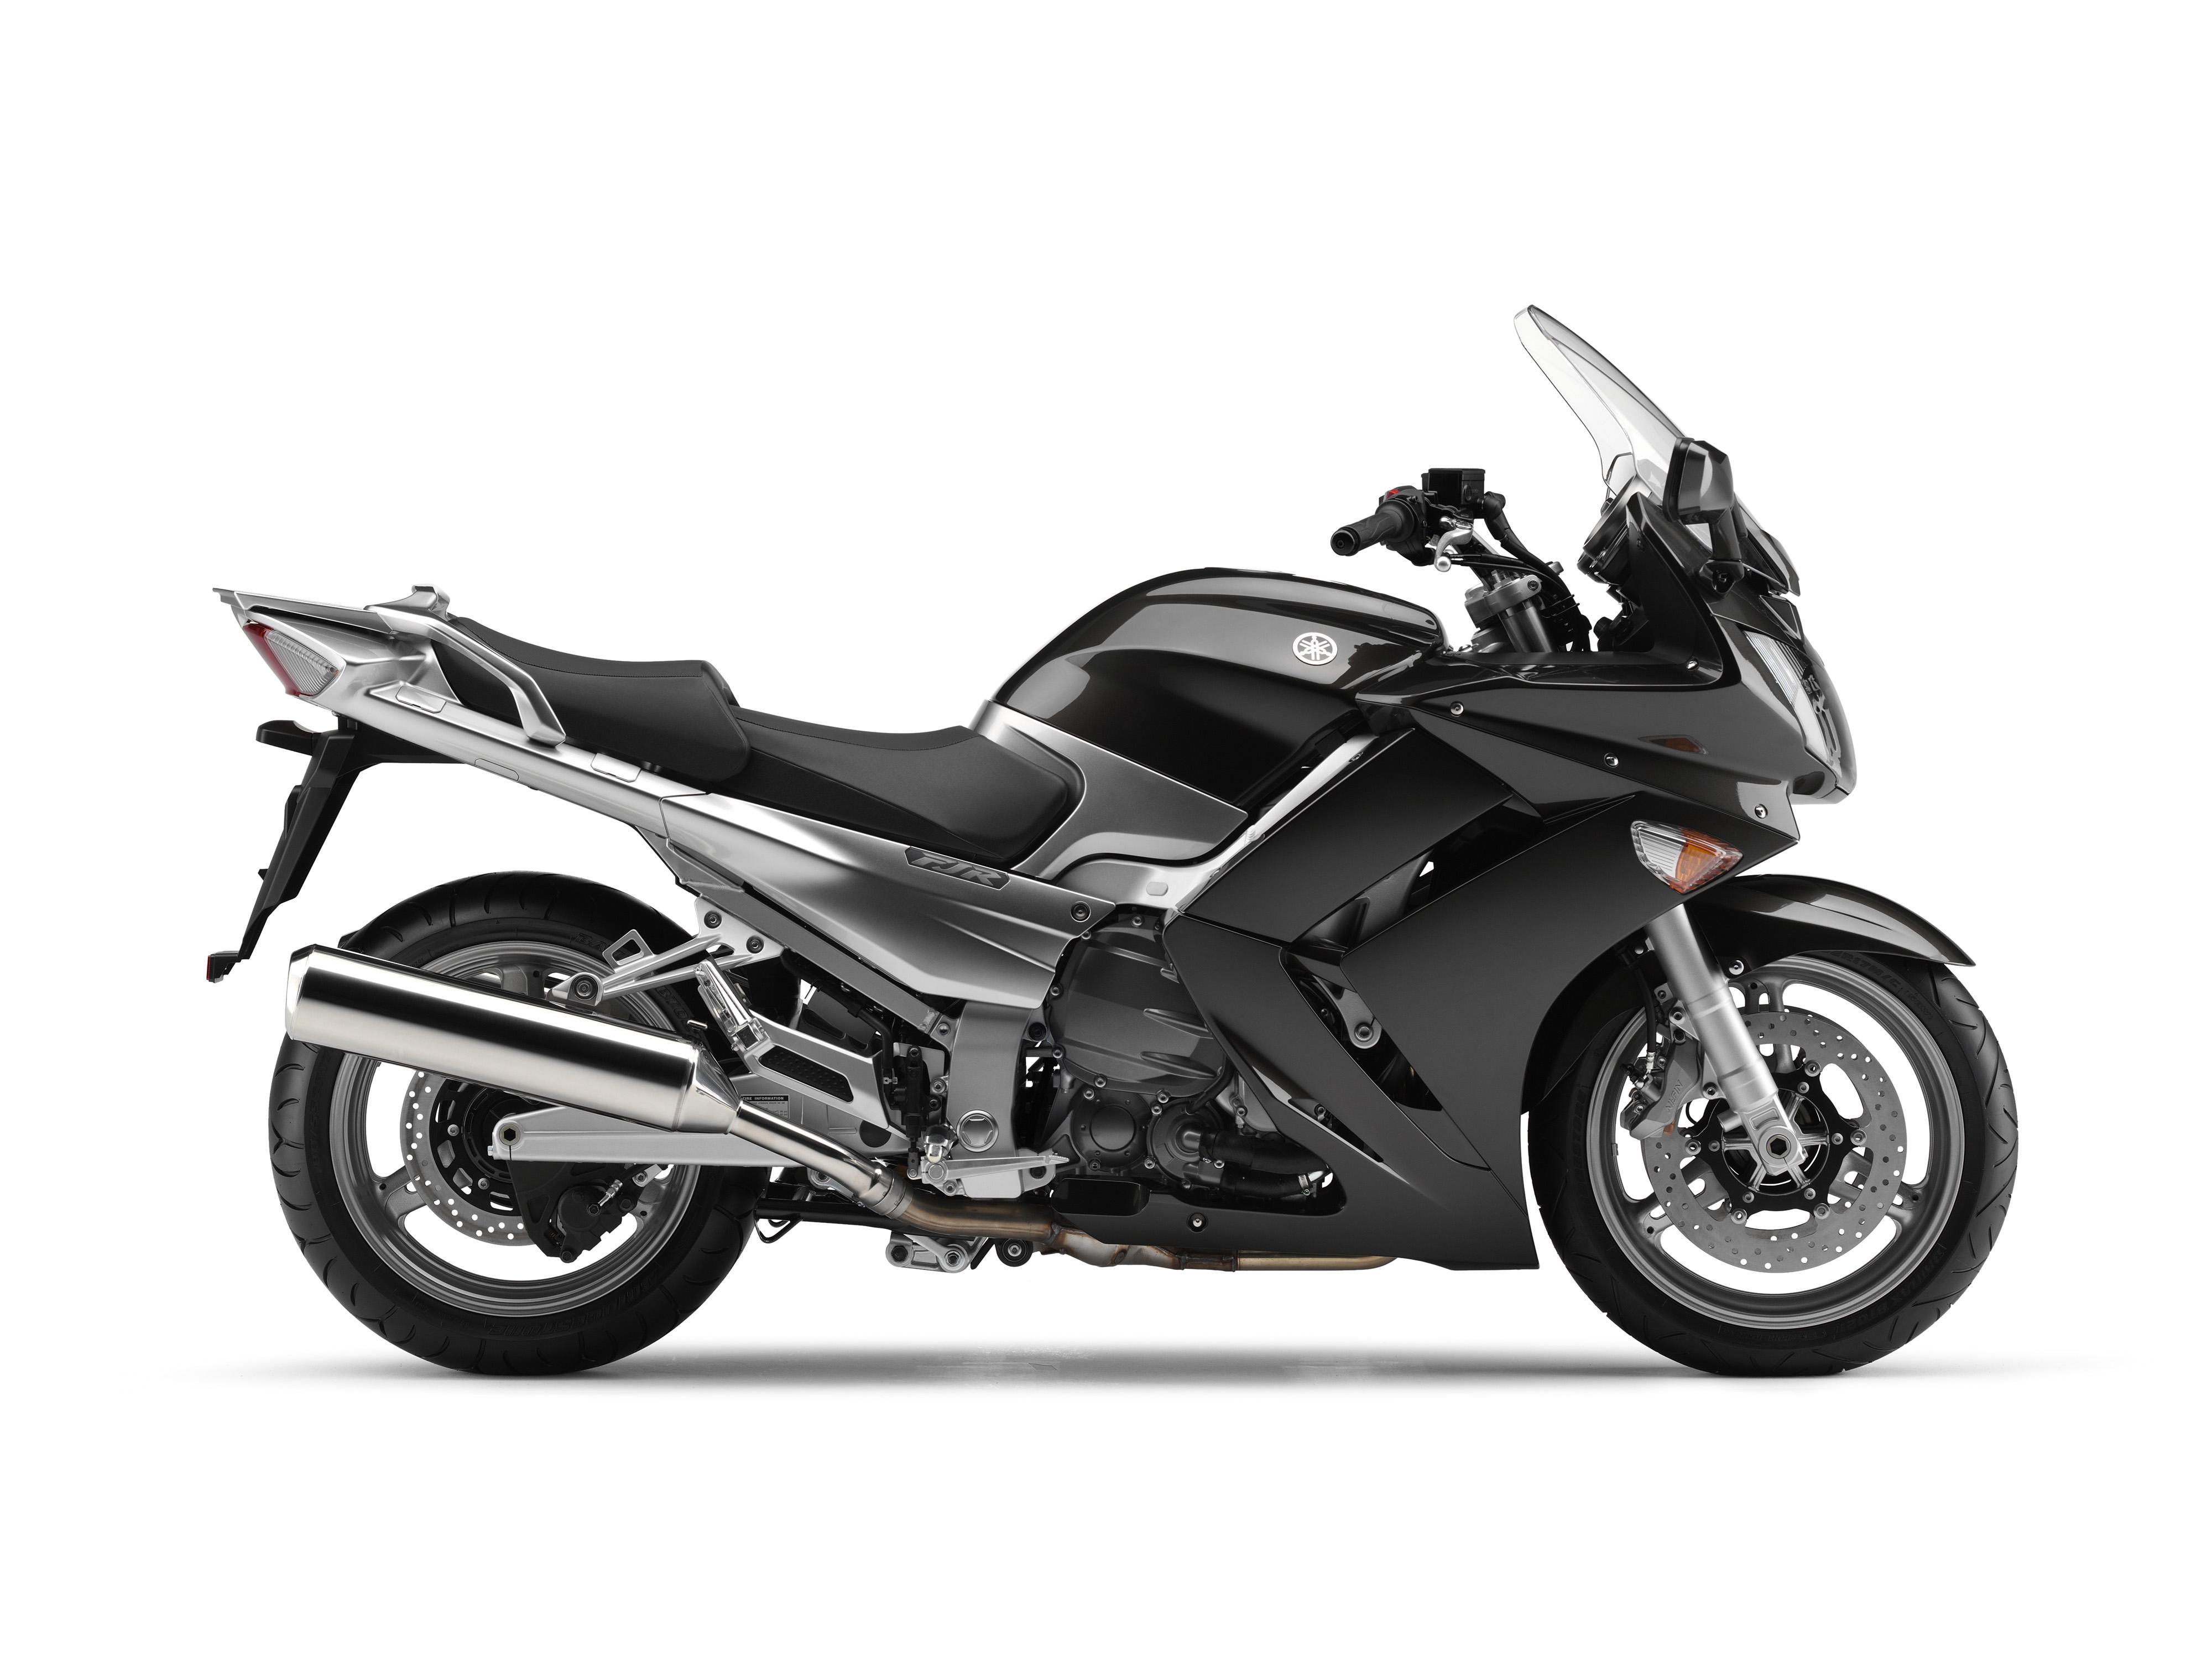 2012 yamaha fjr 1300 abs motorcycle fjr1300 bike sport tour fjr1300a car interior design. Black Bedroom Furniture Sets. Home Design Ideas